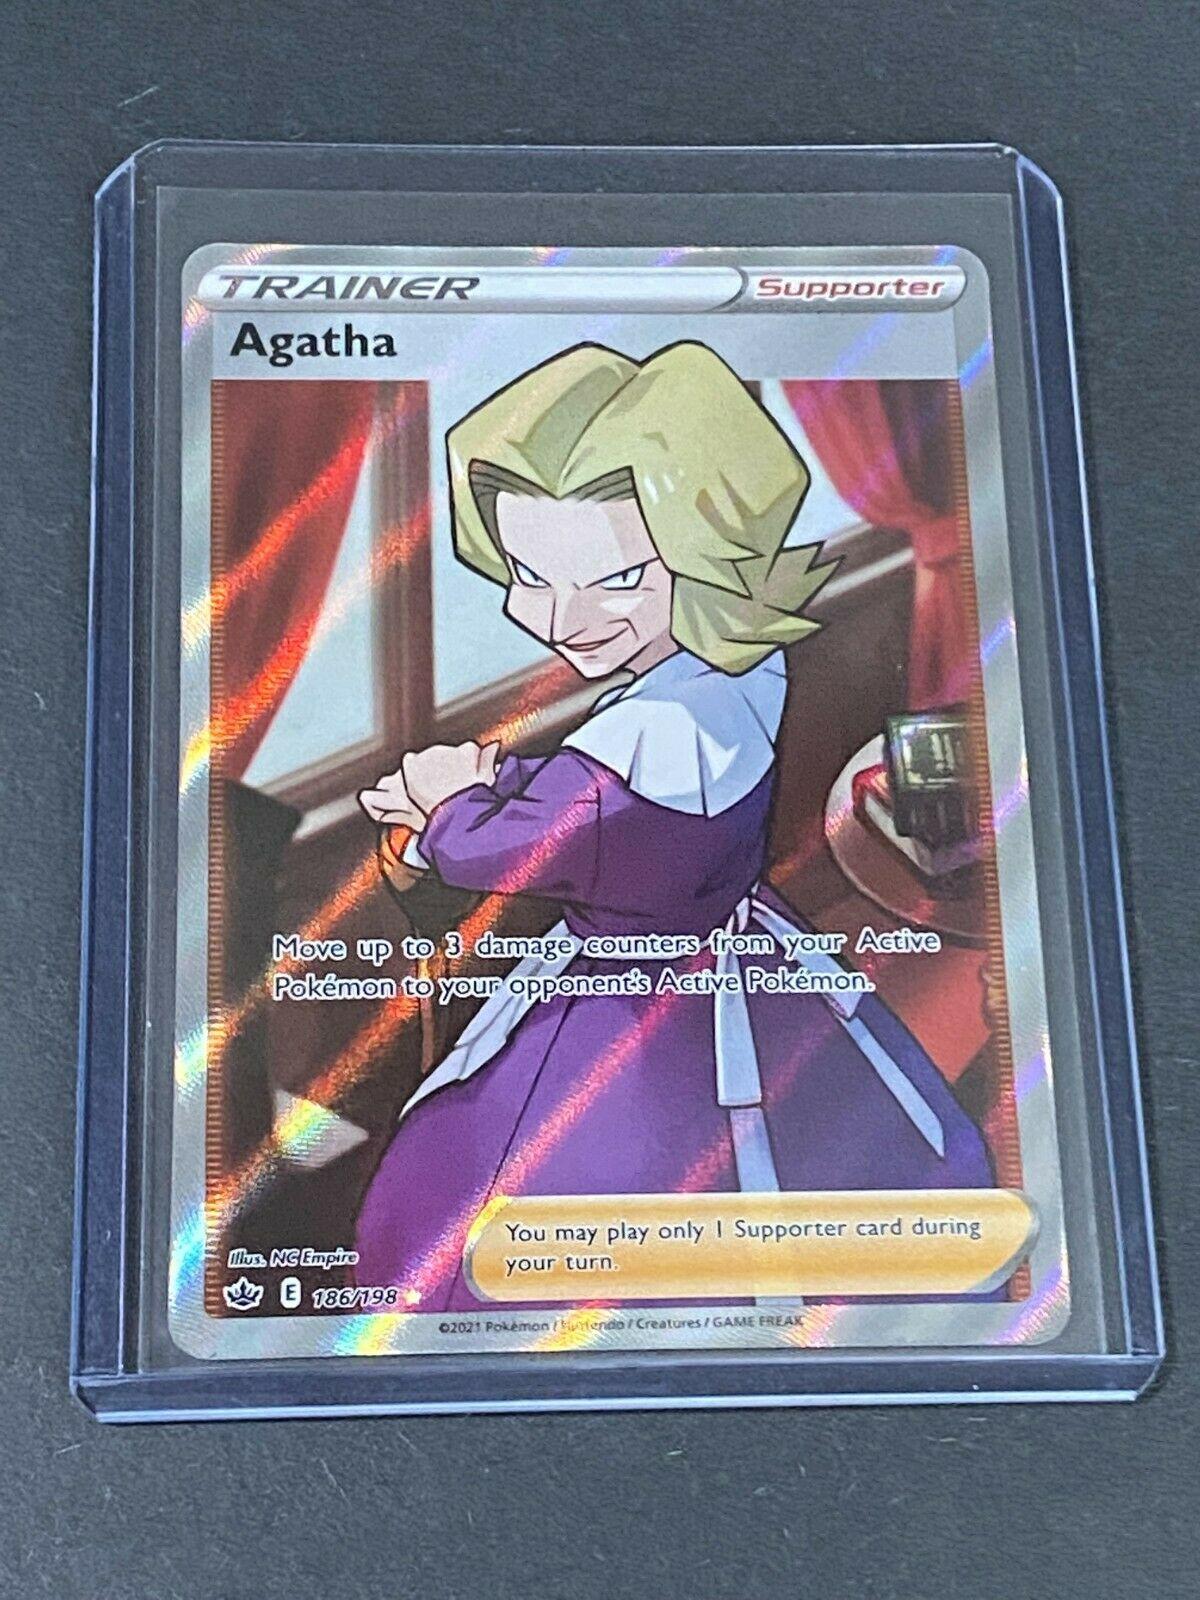 Agatha 186/198 Full Art Ultra Rare Trainer Pokémon TCG Chilling Reign